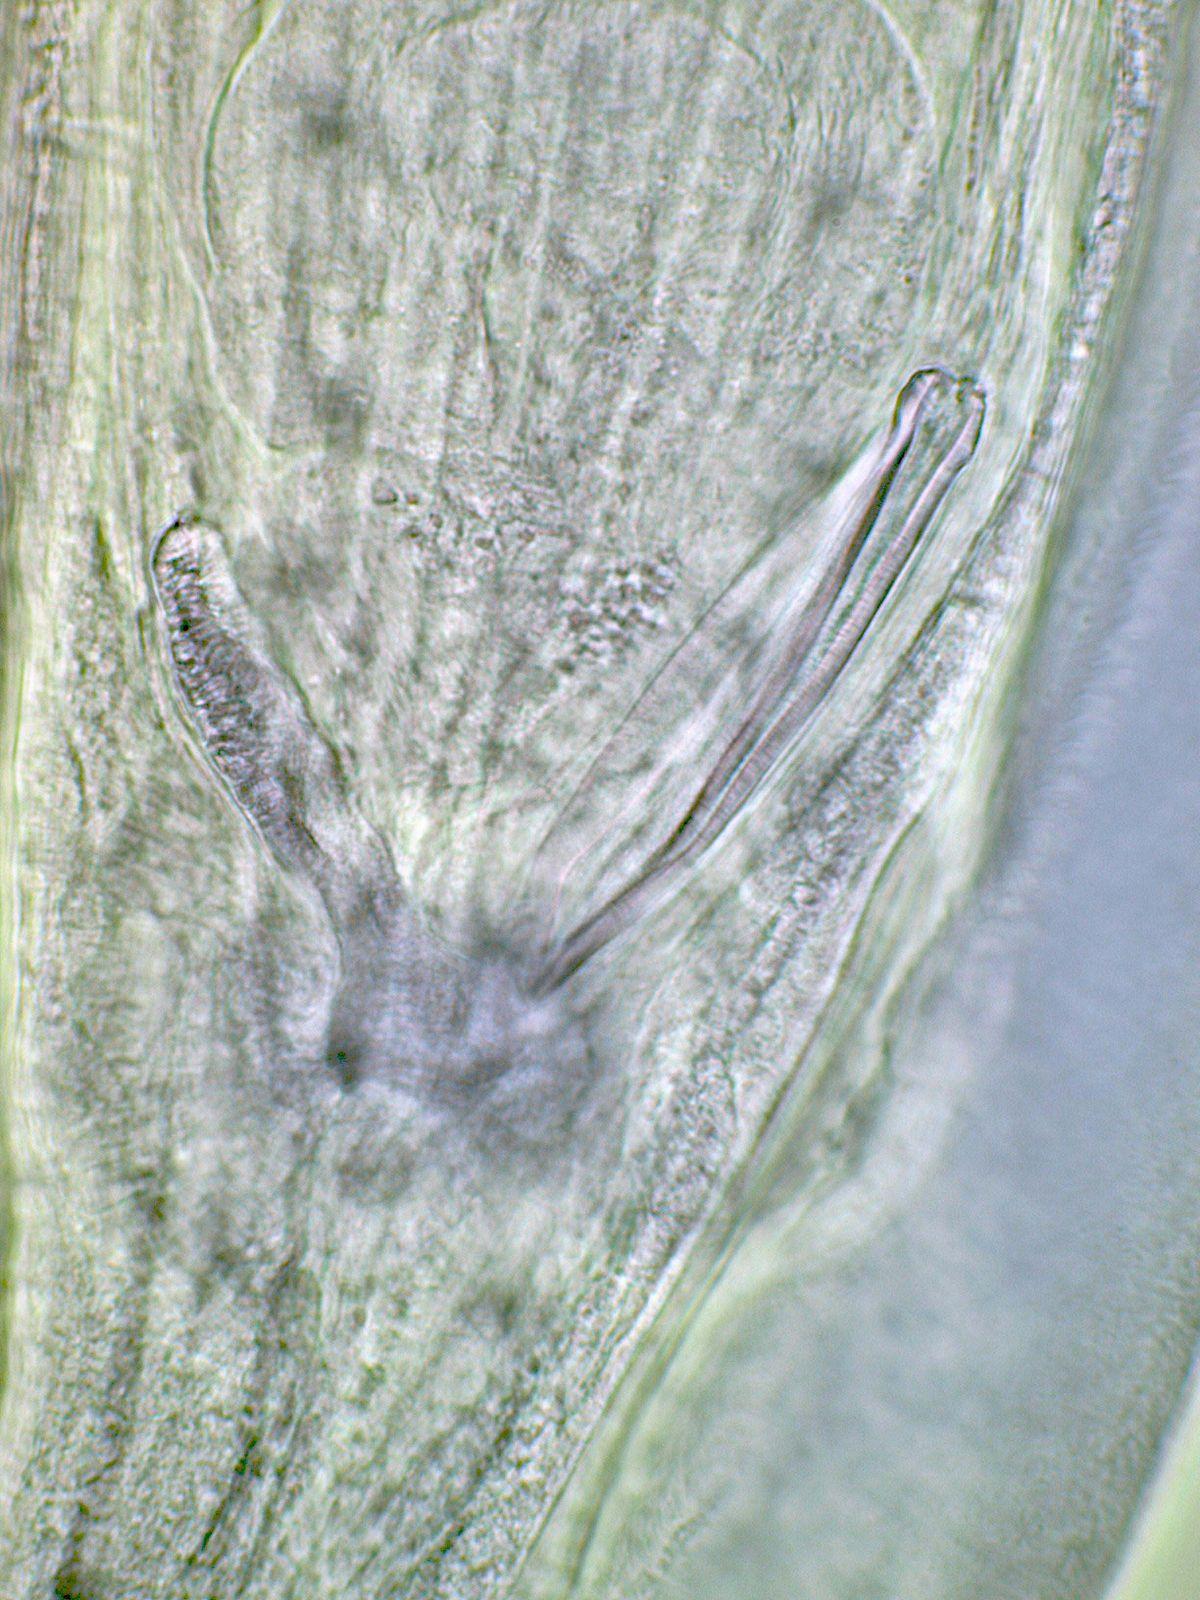 Paraziți gongylonema, Paraziti gongylonema pulchrum. Helminți bio și geo